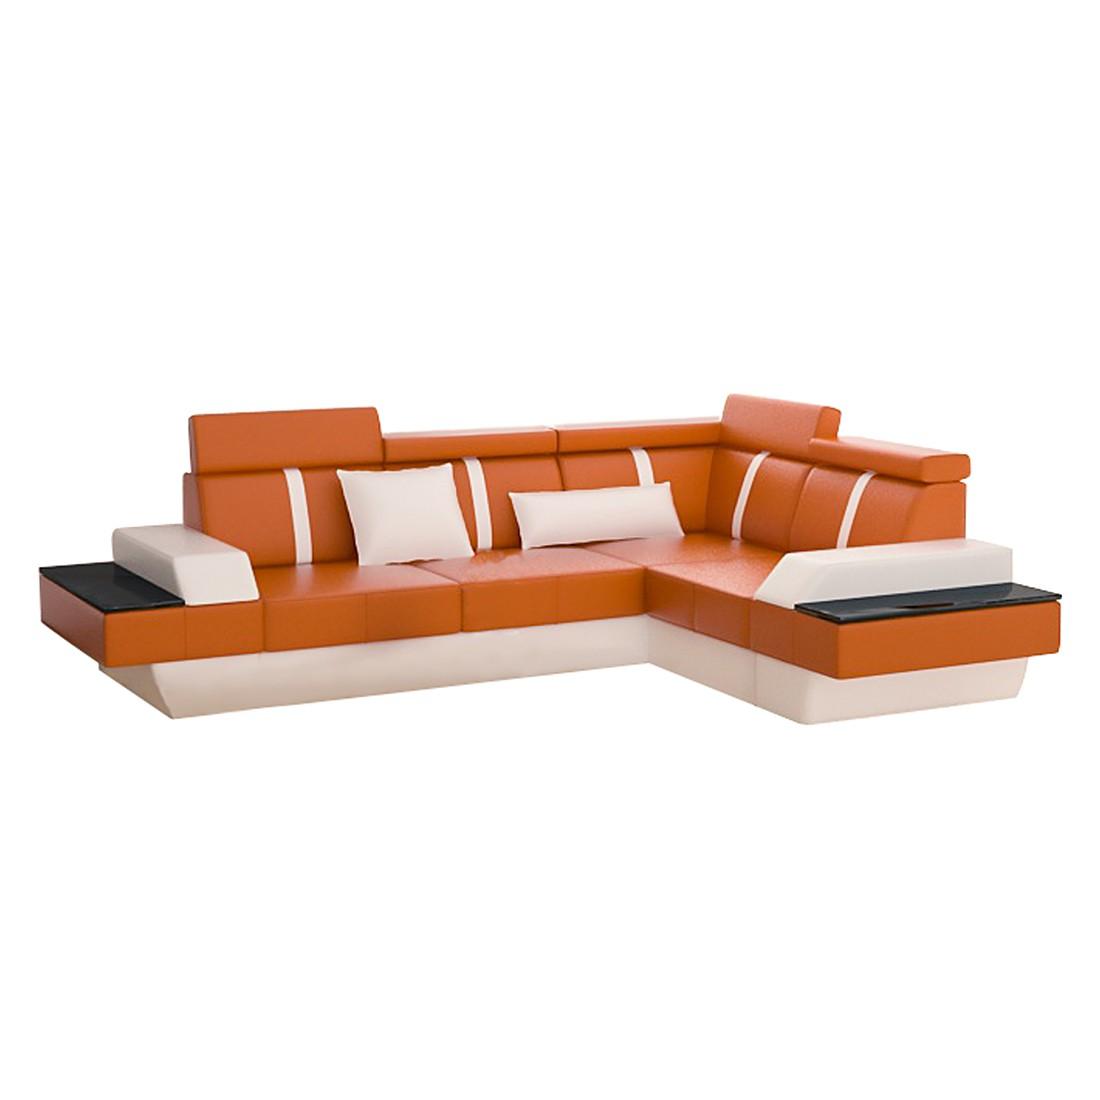 Ecksofa LeMansII – Kunstleder, L-Form, Orange/Weiß – Ausführung: Lange Seite Links, home24 bestellen